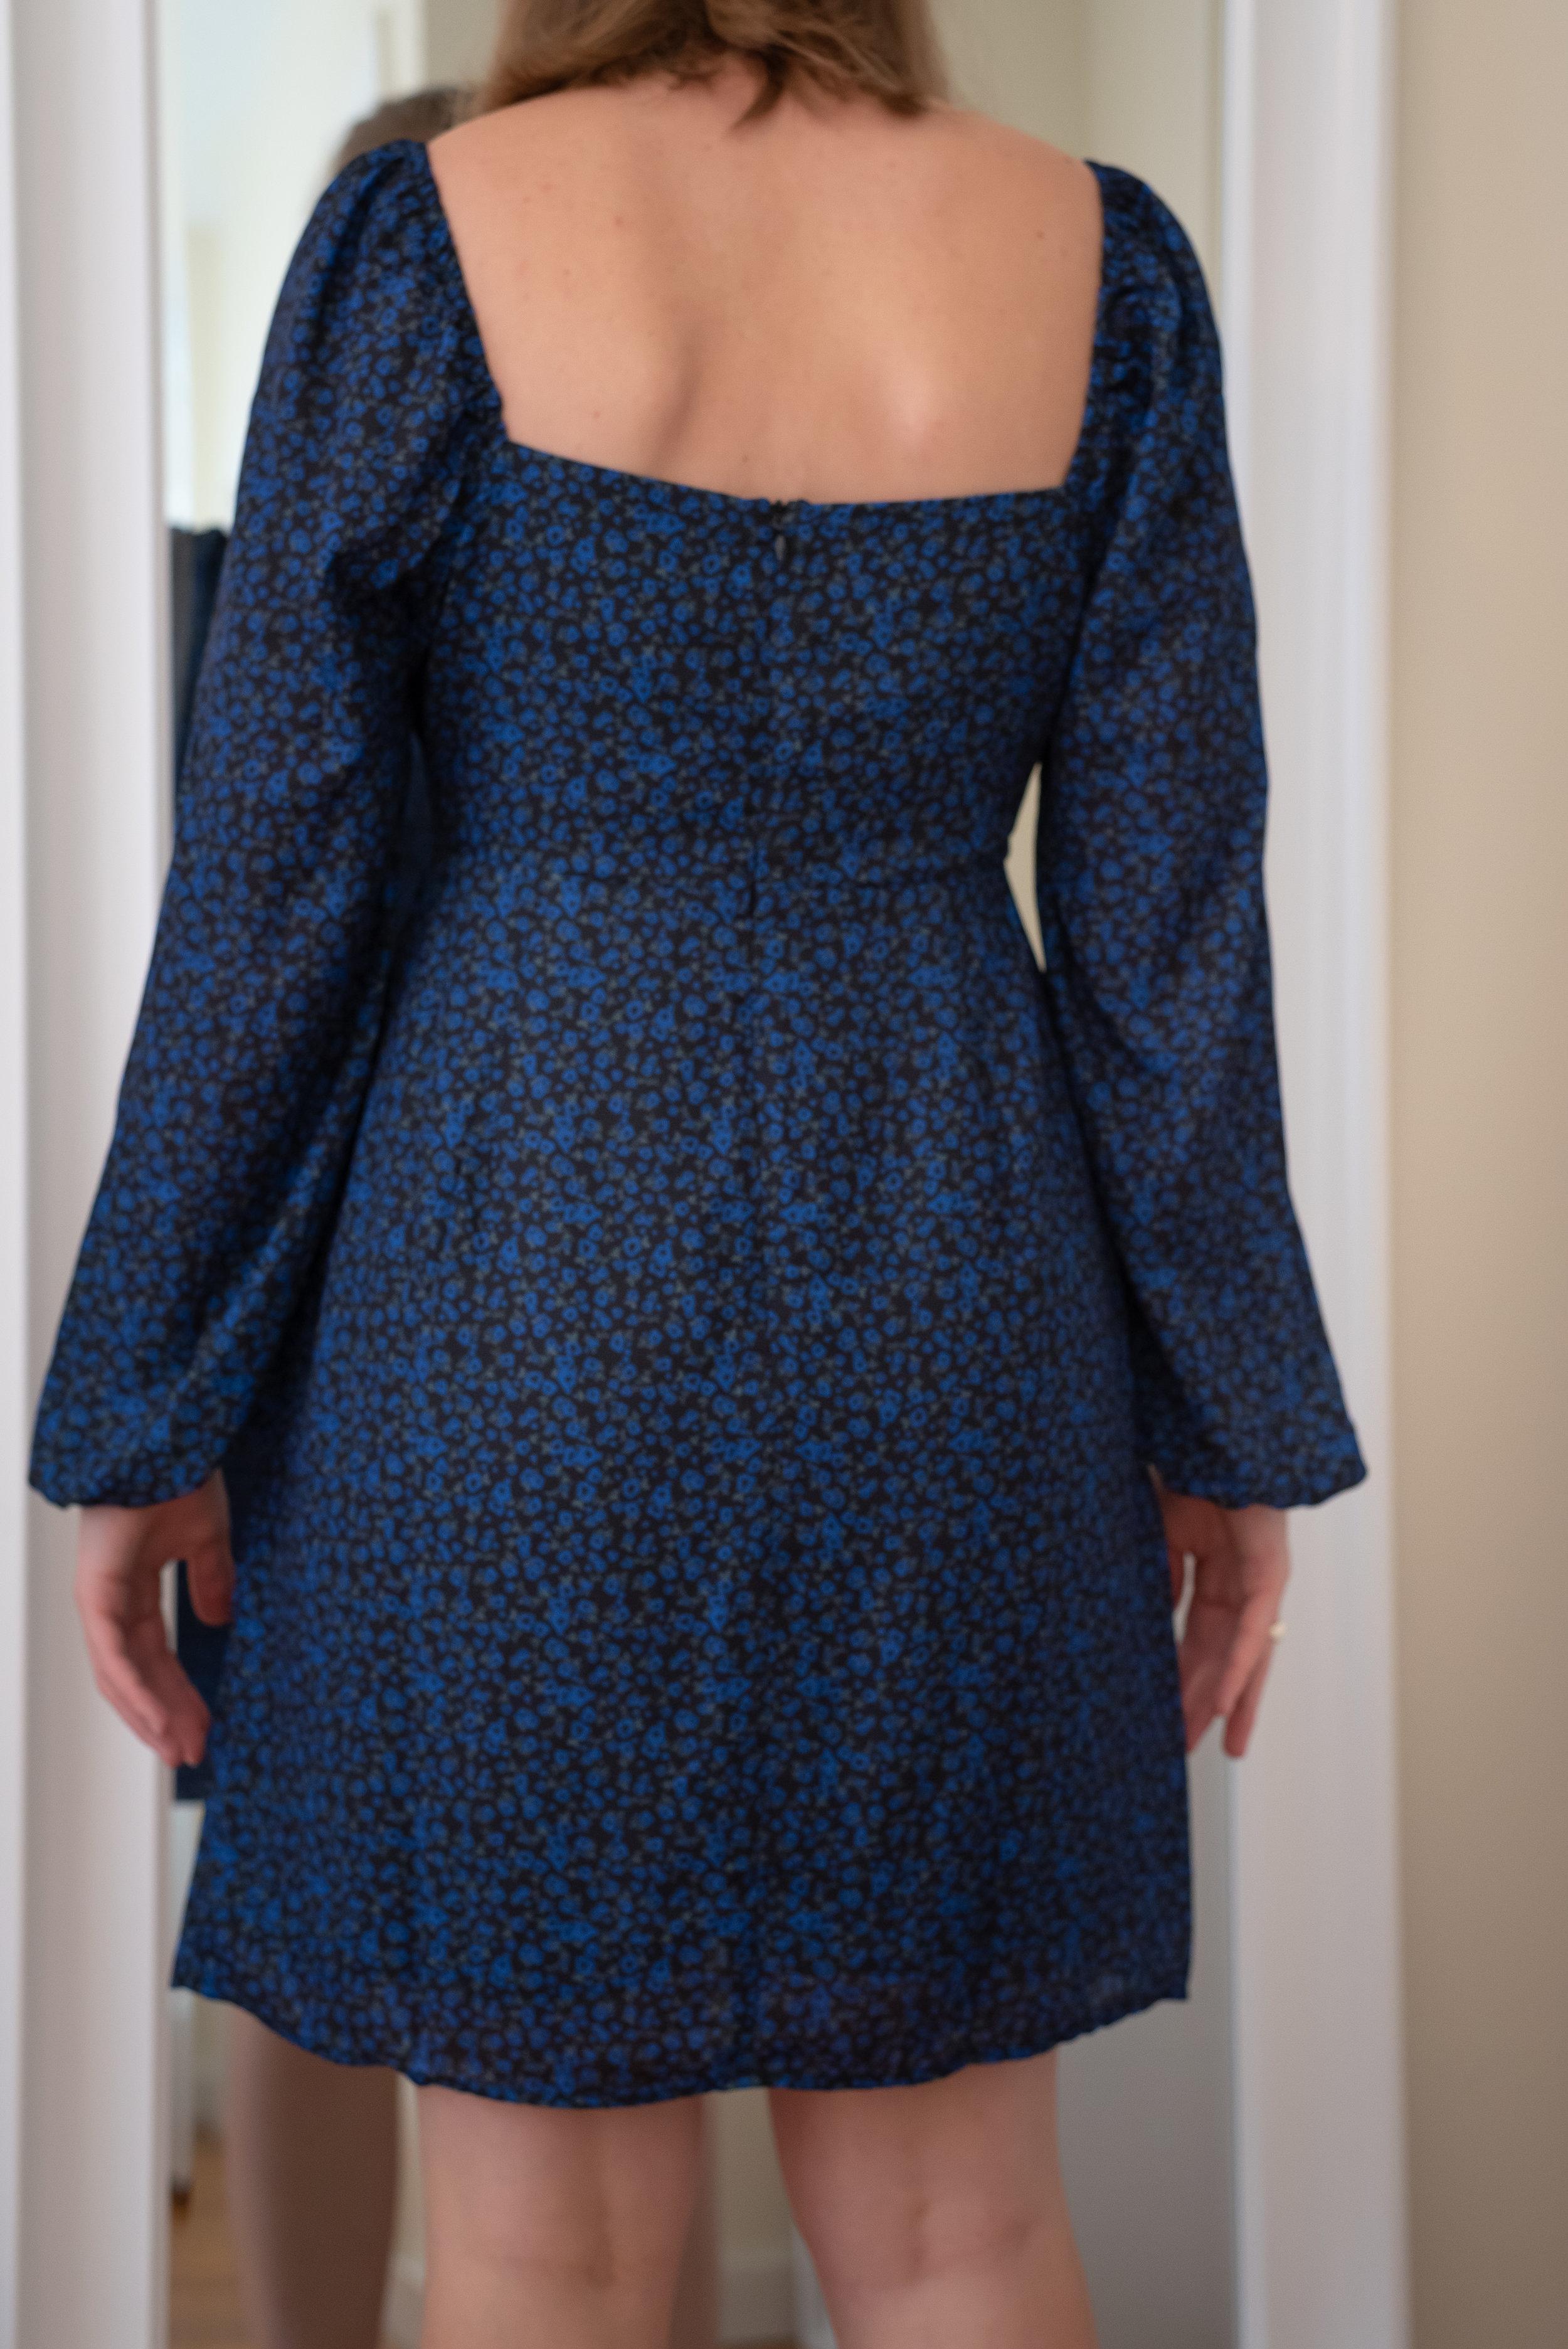 Fashion Union Petite Square Neck Tea Dress - Size 6 Petite - BACK